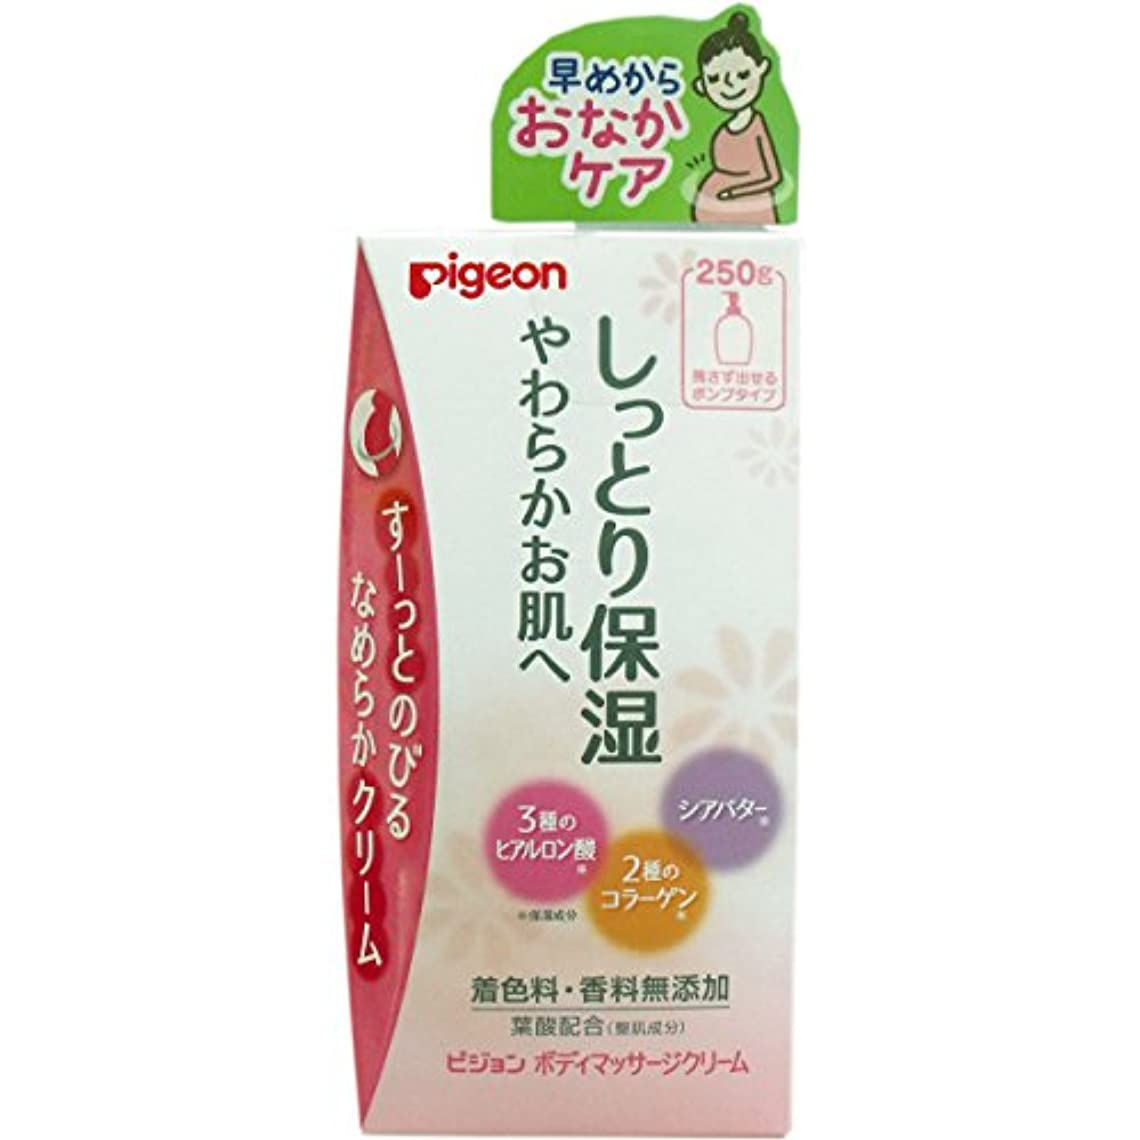 アルミニウムフォーク一杯ピジョン ボディマッサージクリーム 250g【2個セット】